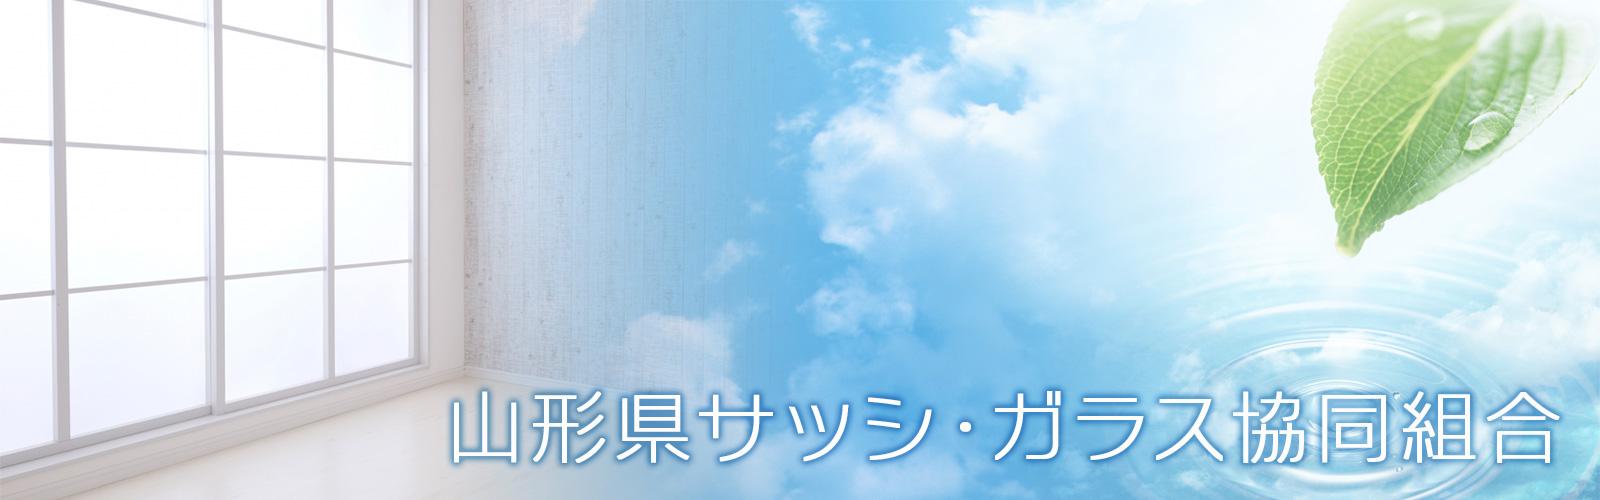 山形県サッシガラス協同組合